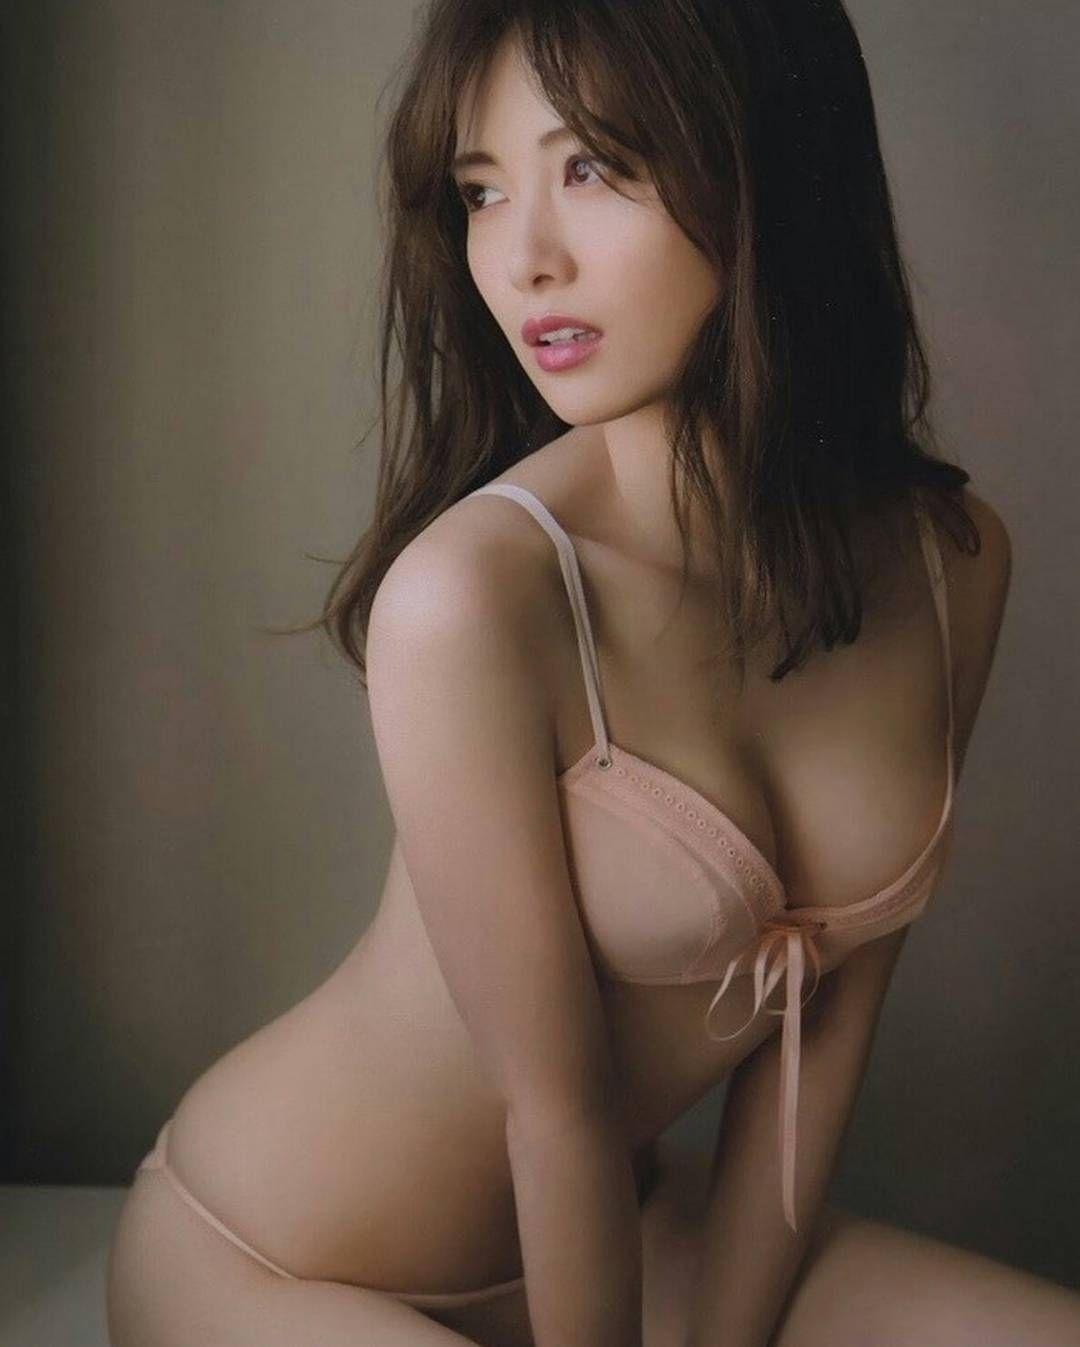 Asiatica Mas Guapa Porno pin en daily photos